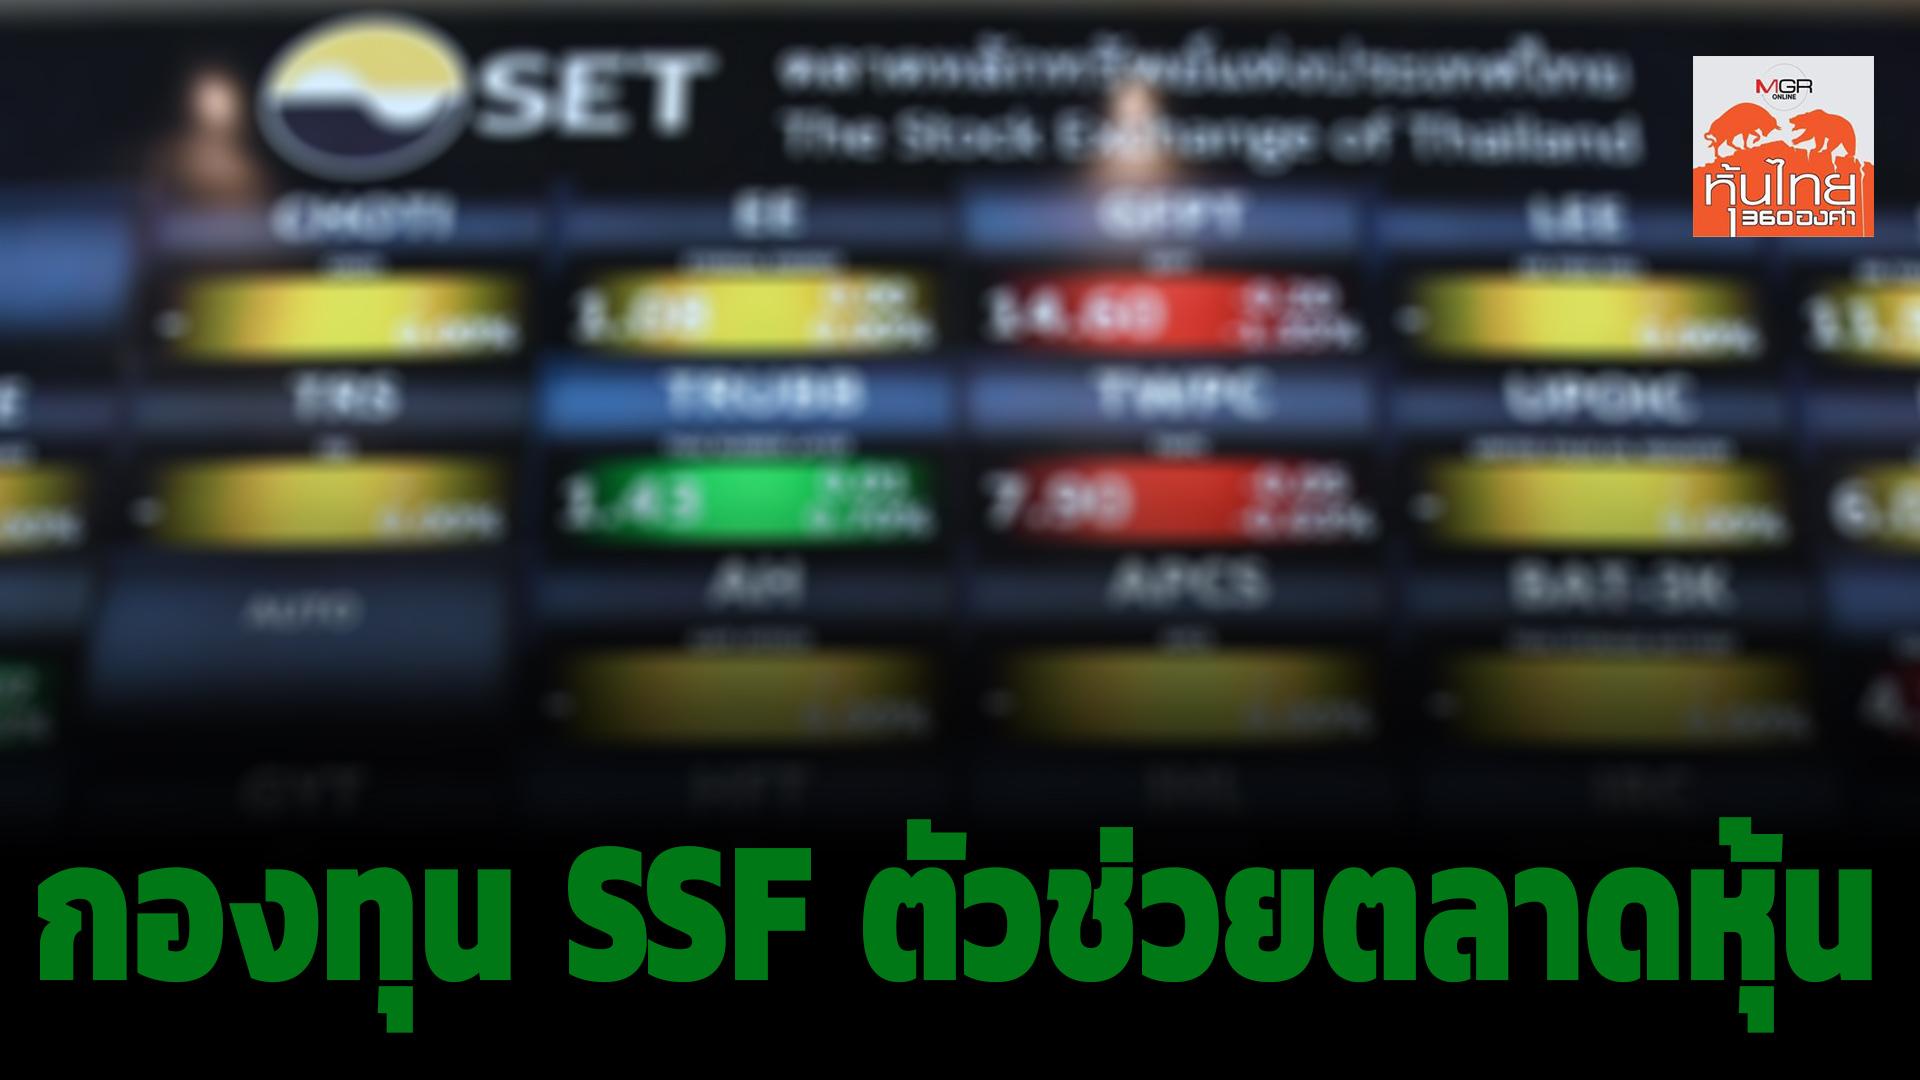 กองทุน SSF ตัวช่วยตลาดหุ้น / สุนันท์ ศรีจันทรา